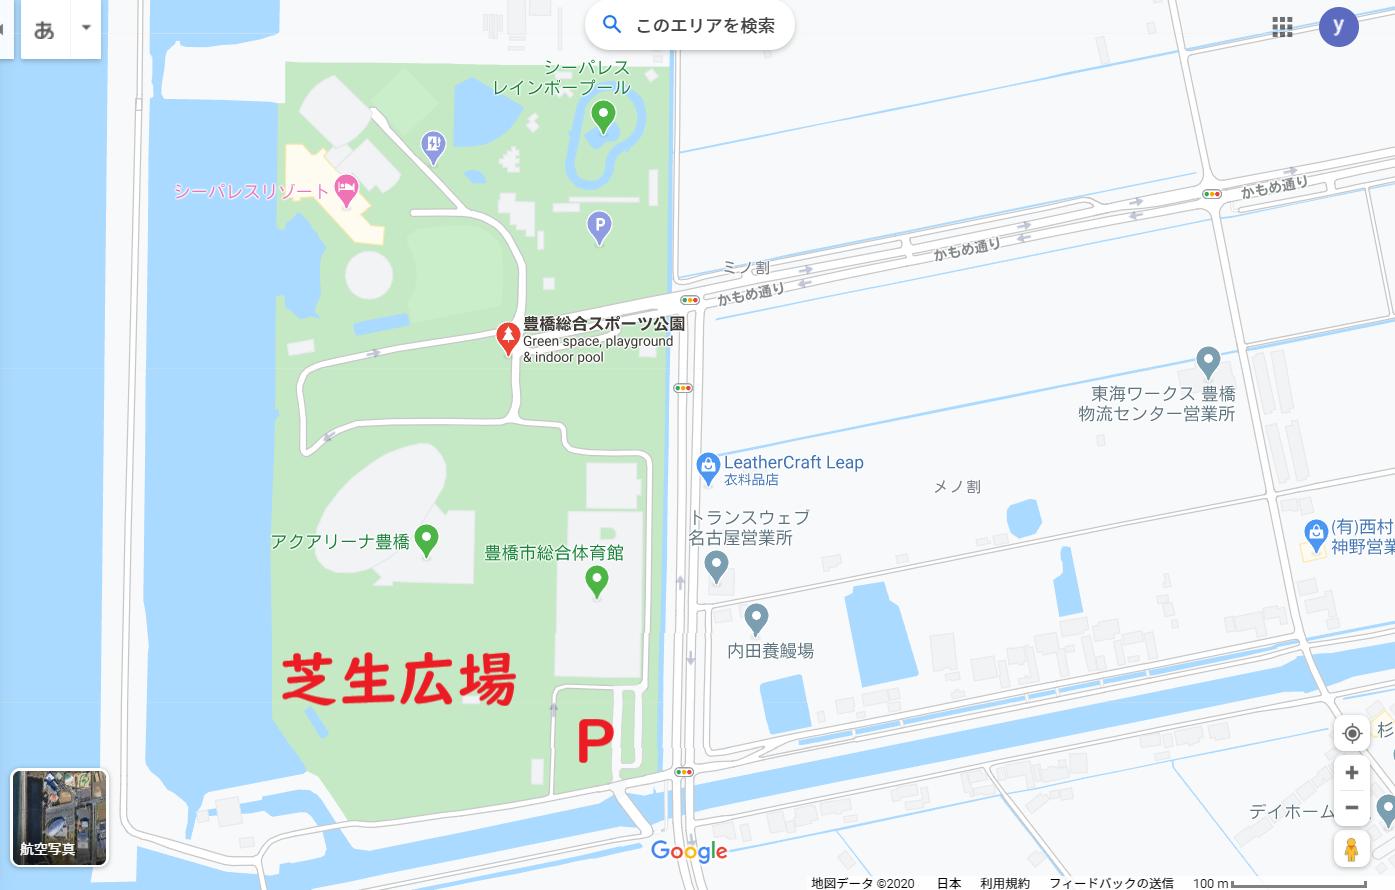 公園から一番近い駐車場